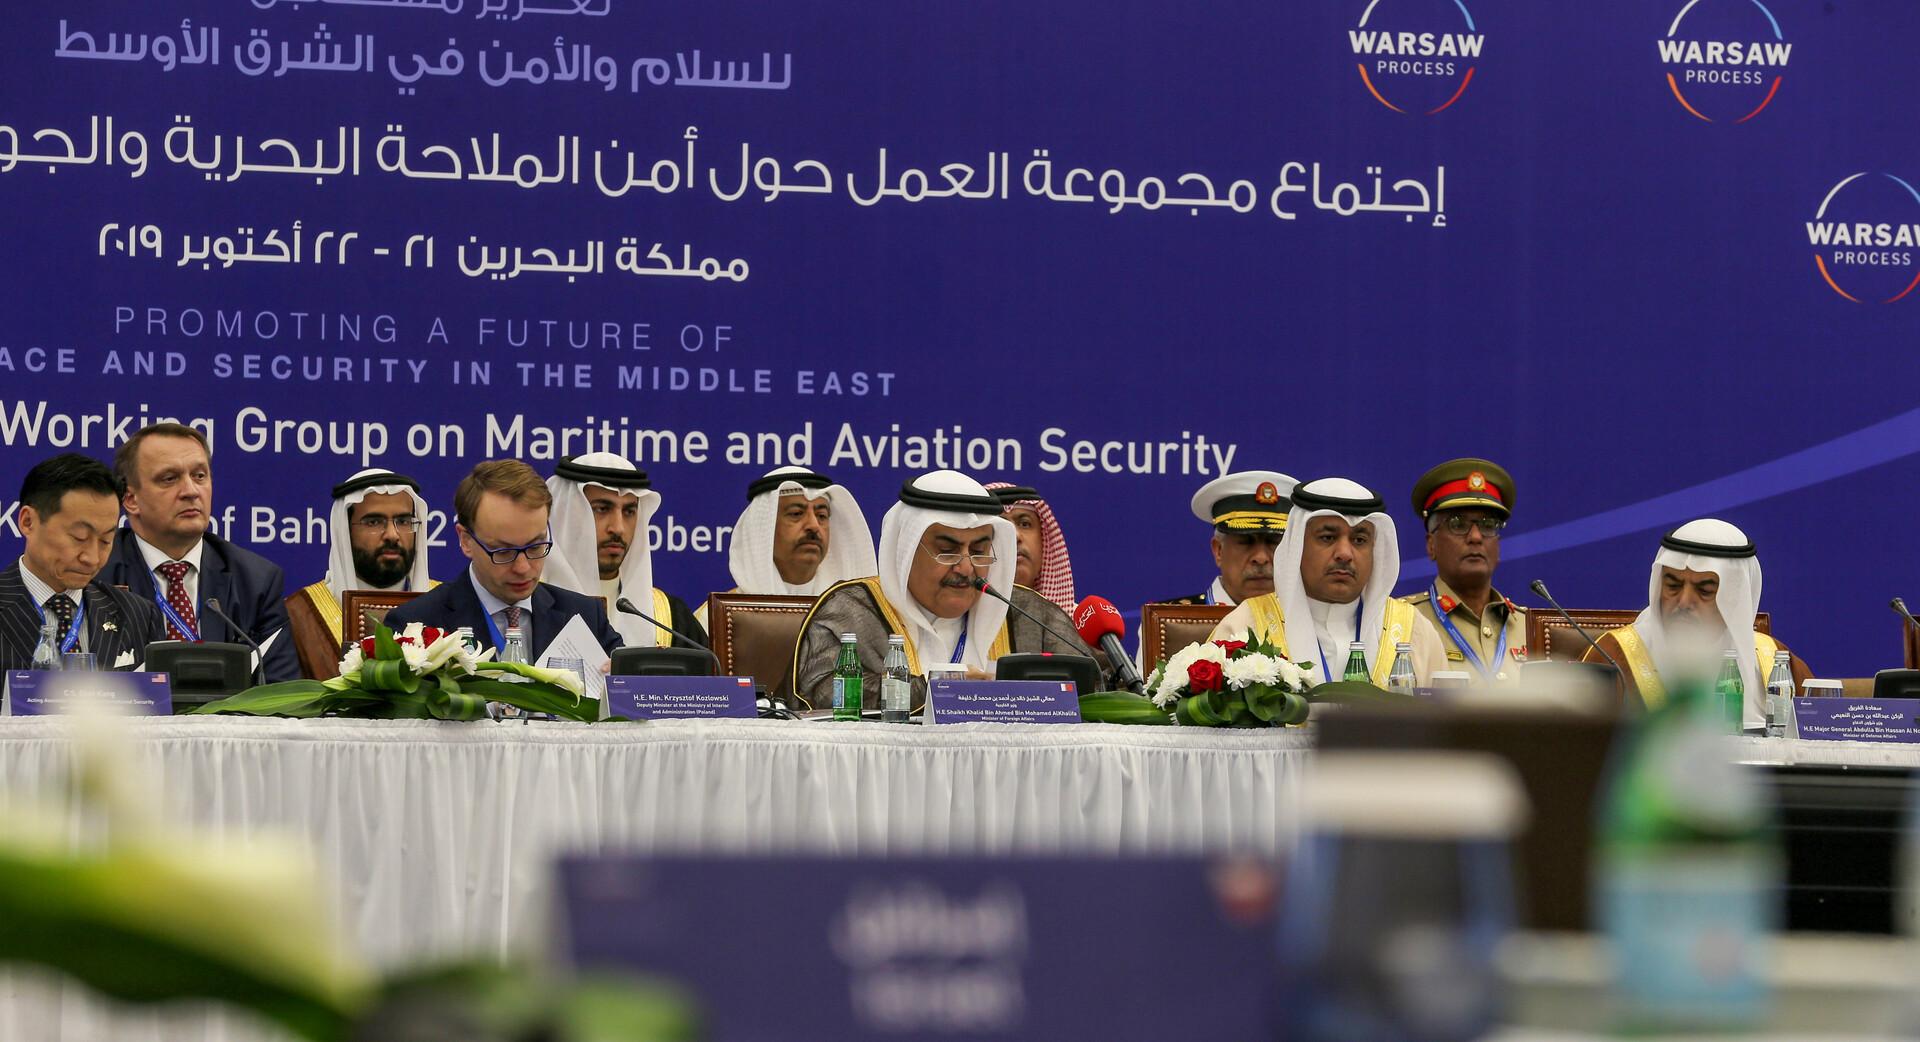 إيران تستنكر استضافة البحرين وفدا إسرائيليا في مؤتمر المنامة